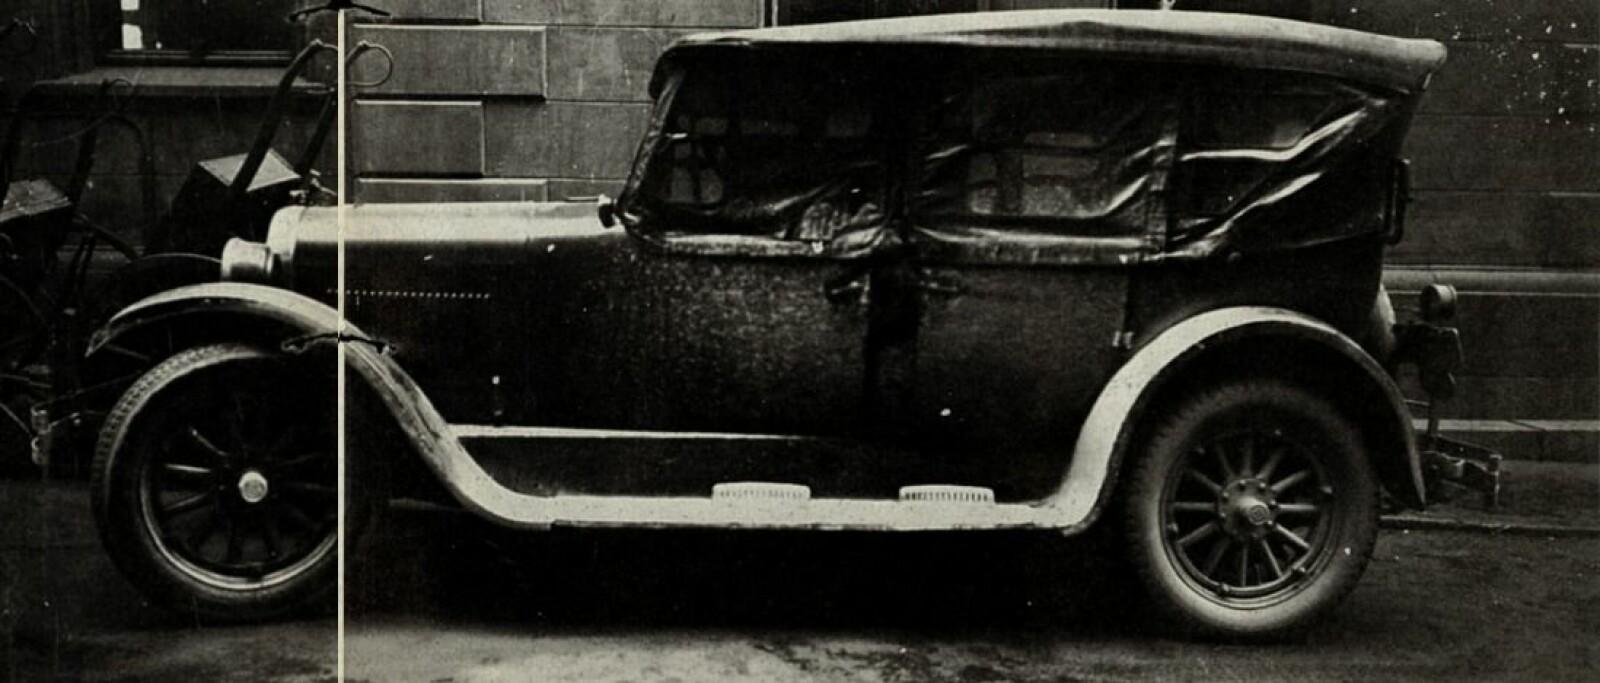 Rustads Dodge